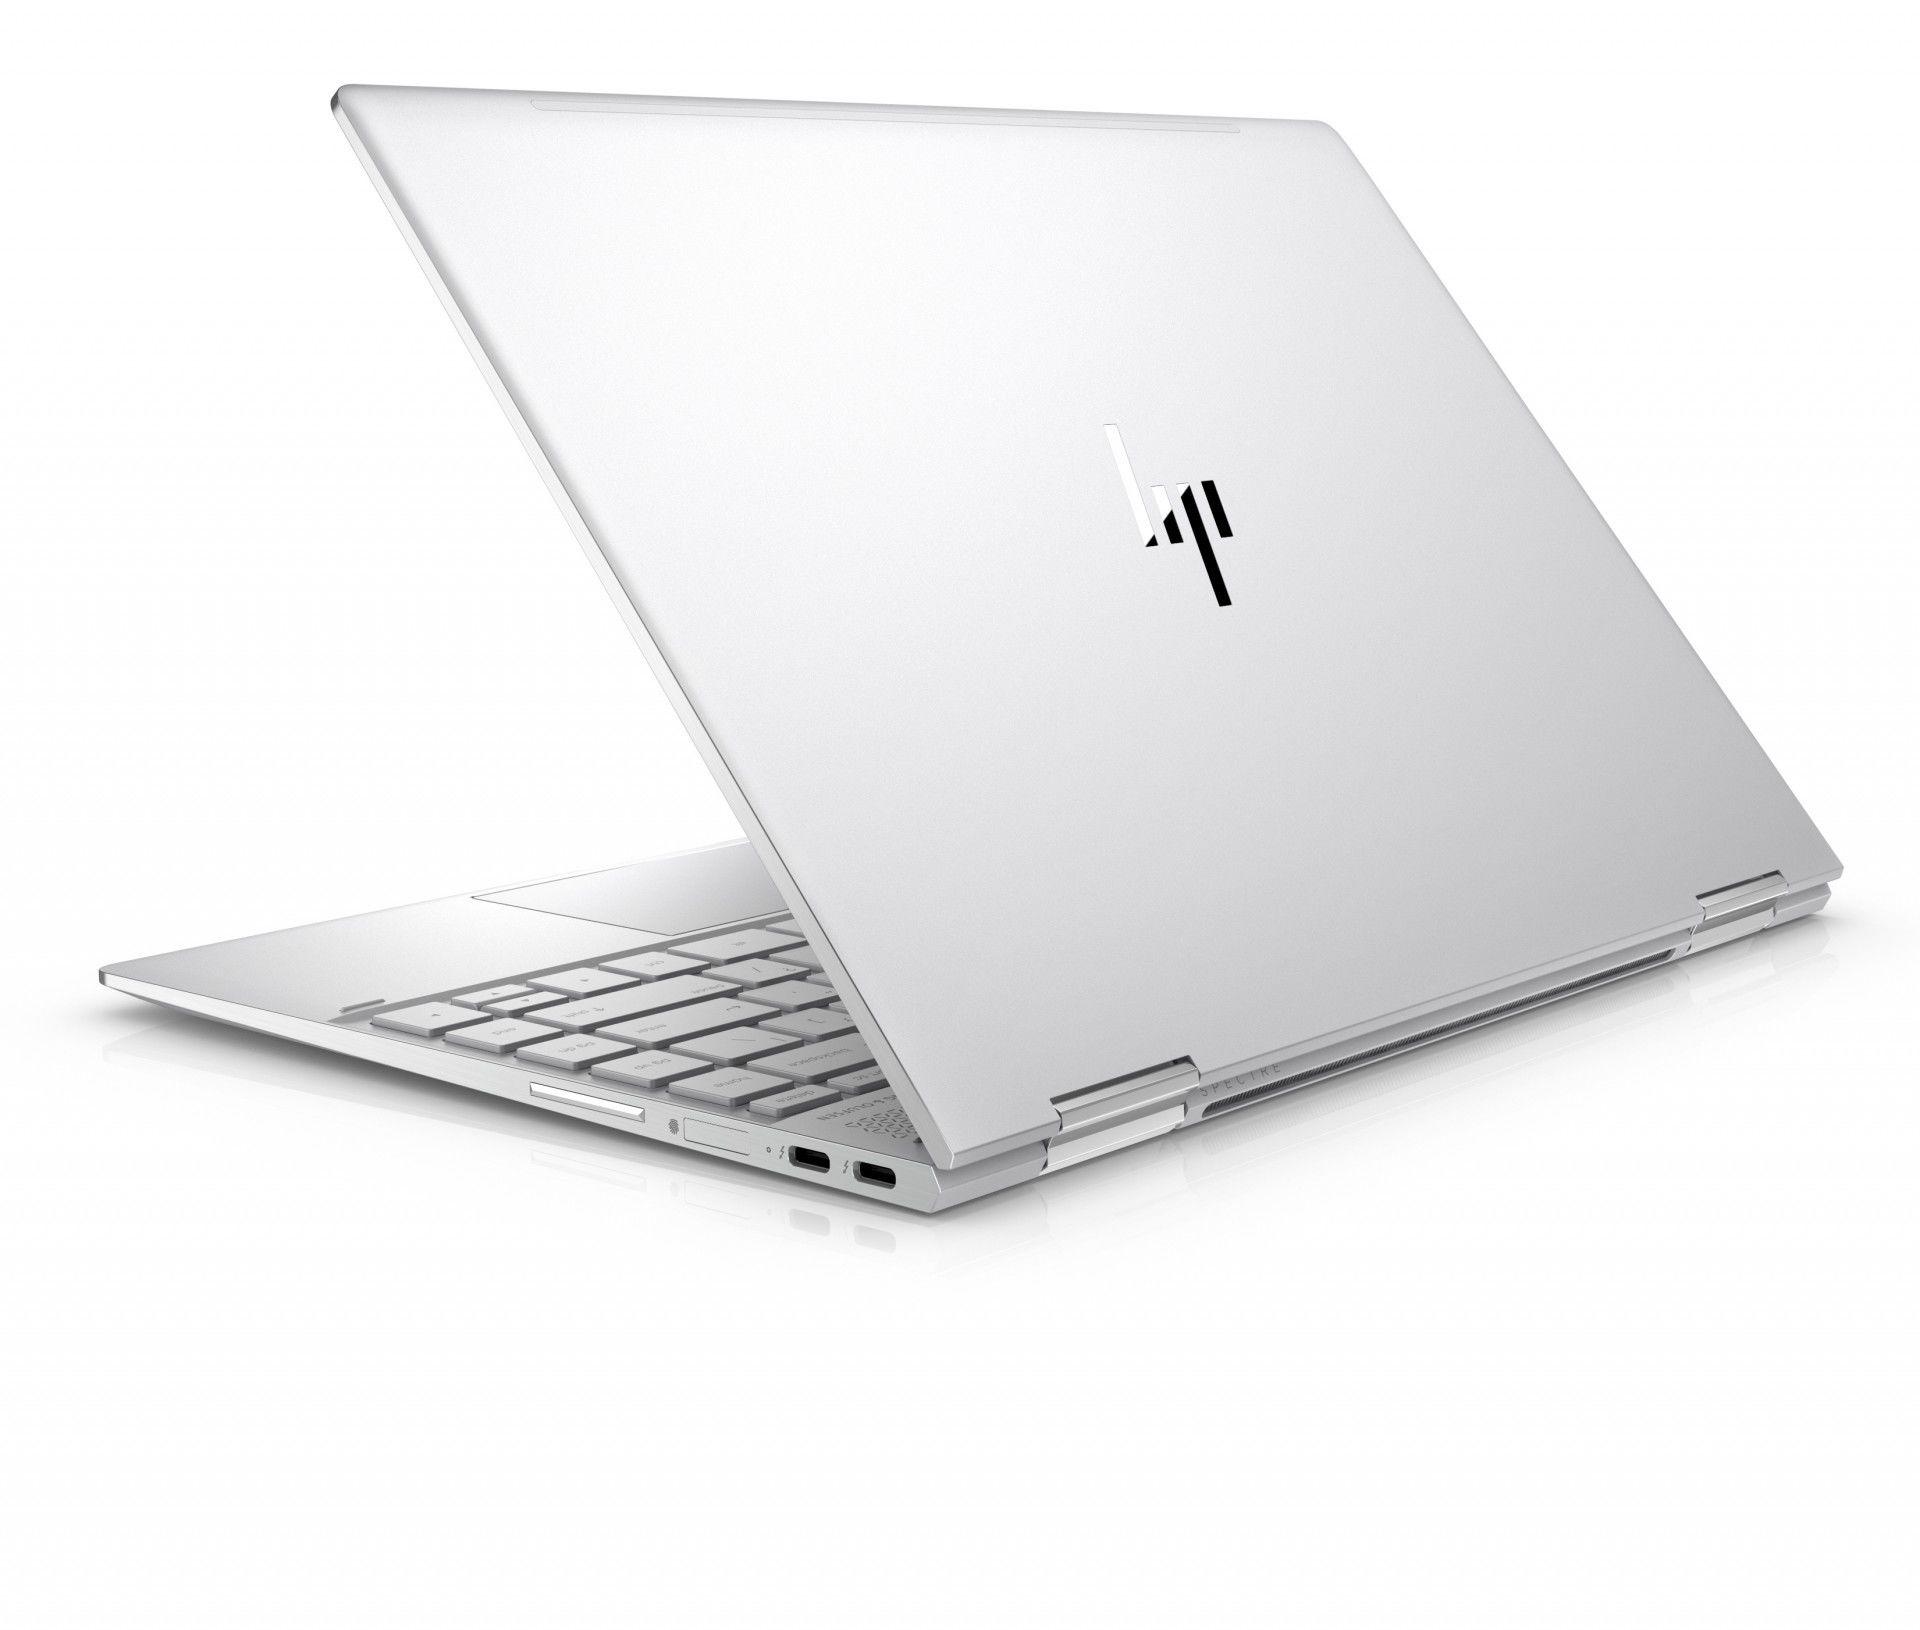 HP Spectre x360 13-ae001nd 2PM49EAR